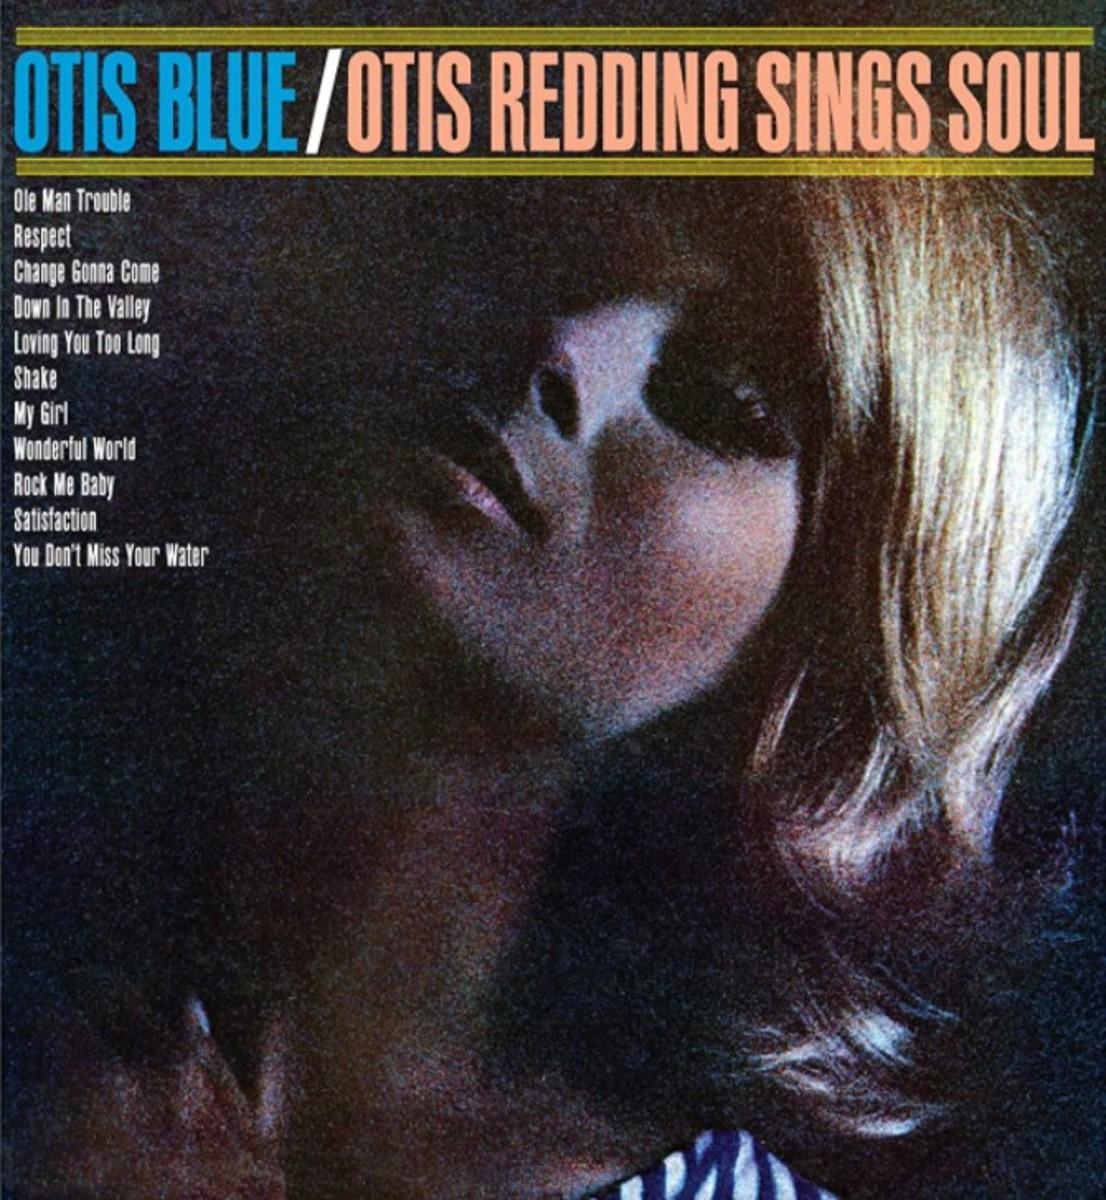 MSB Otis